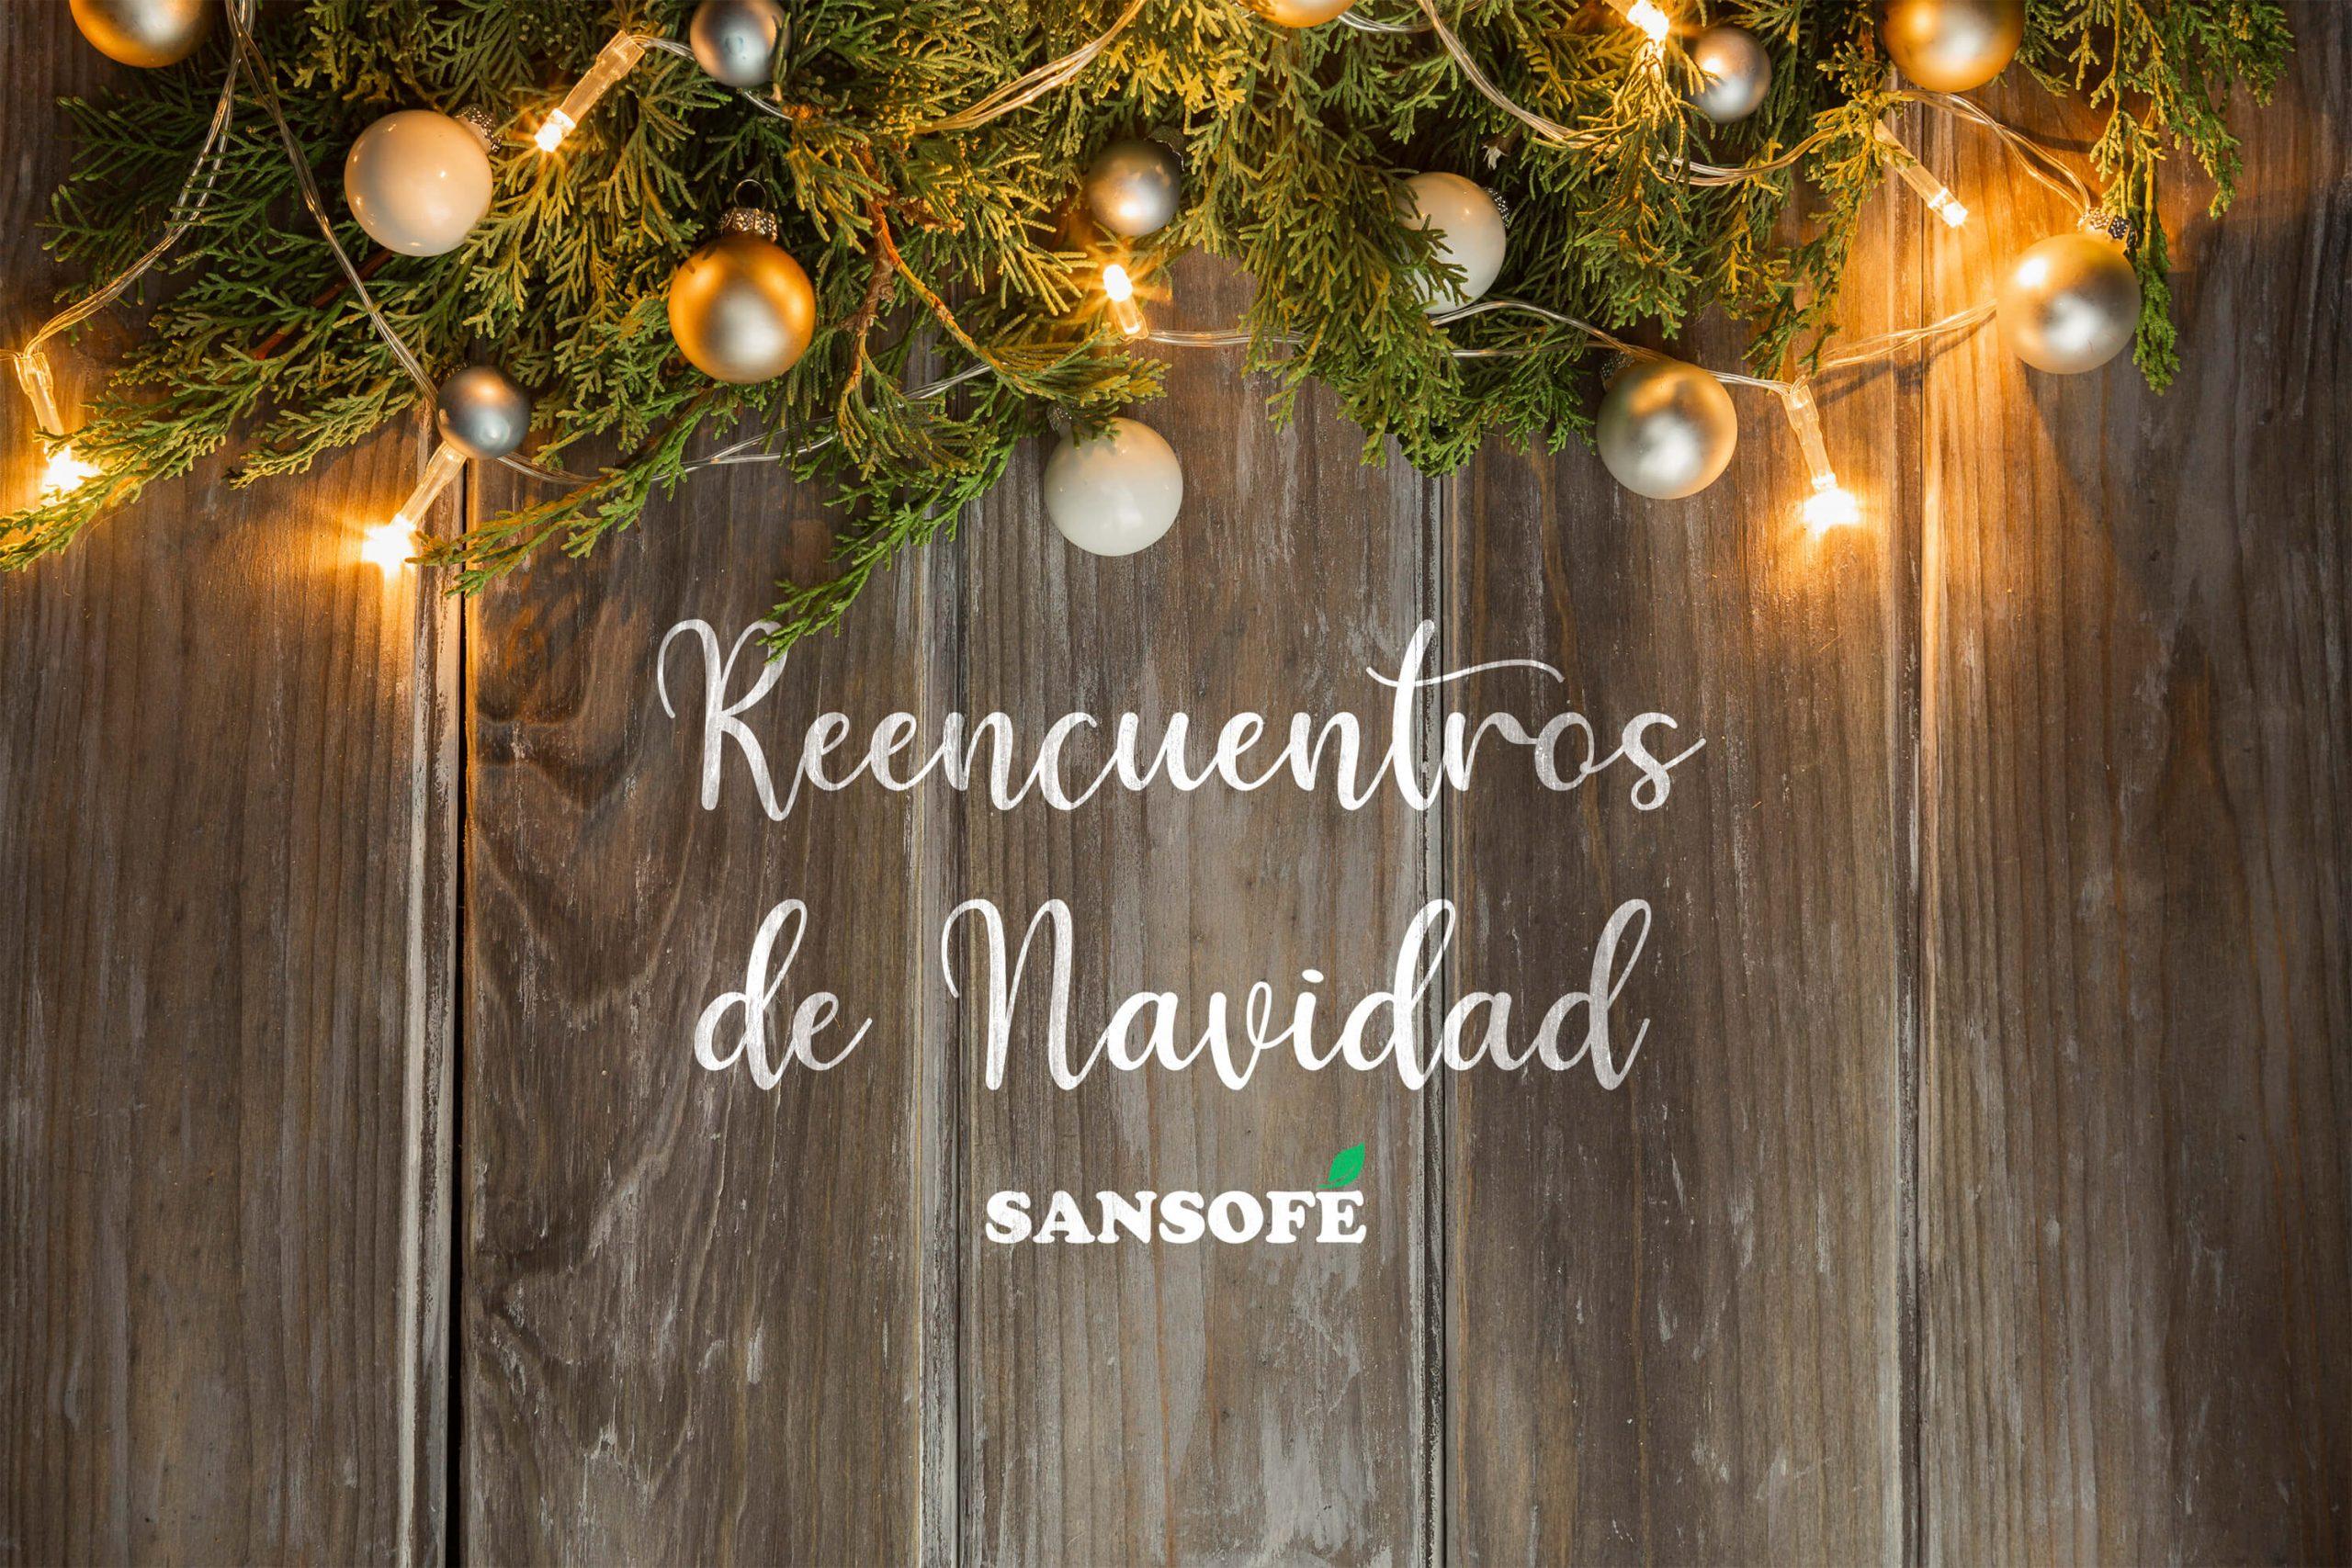 Reencuentros de Navidad en Tasca Sansofé